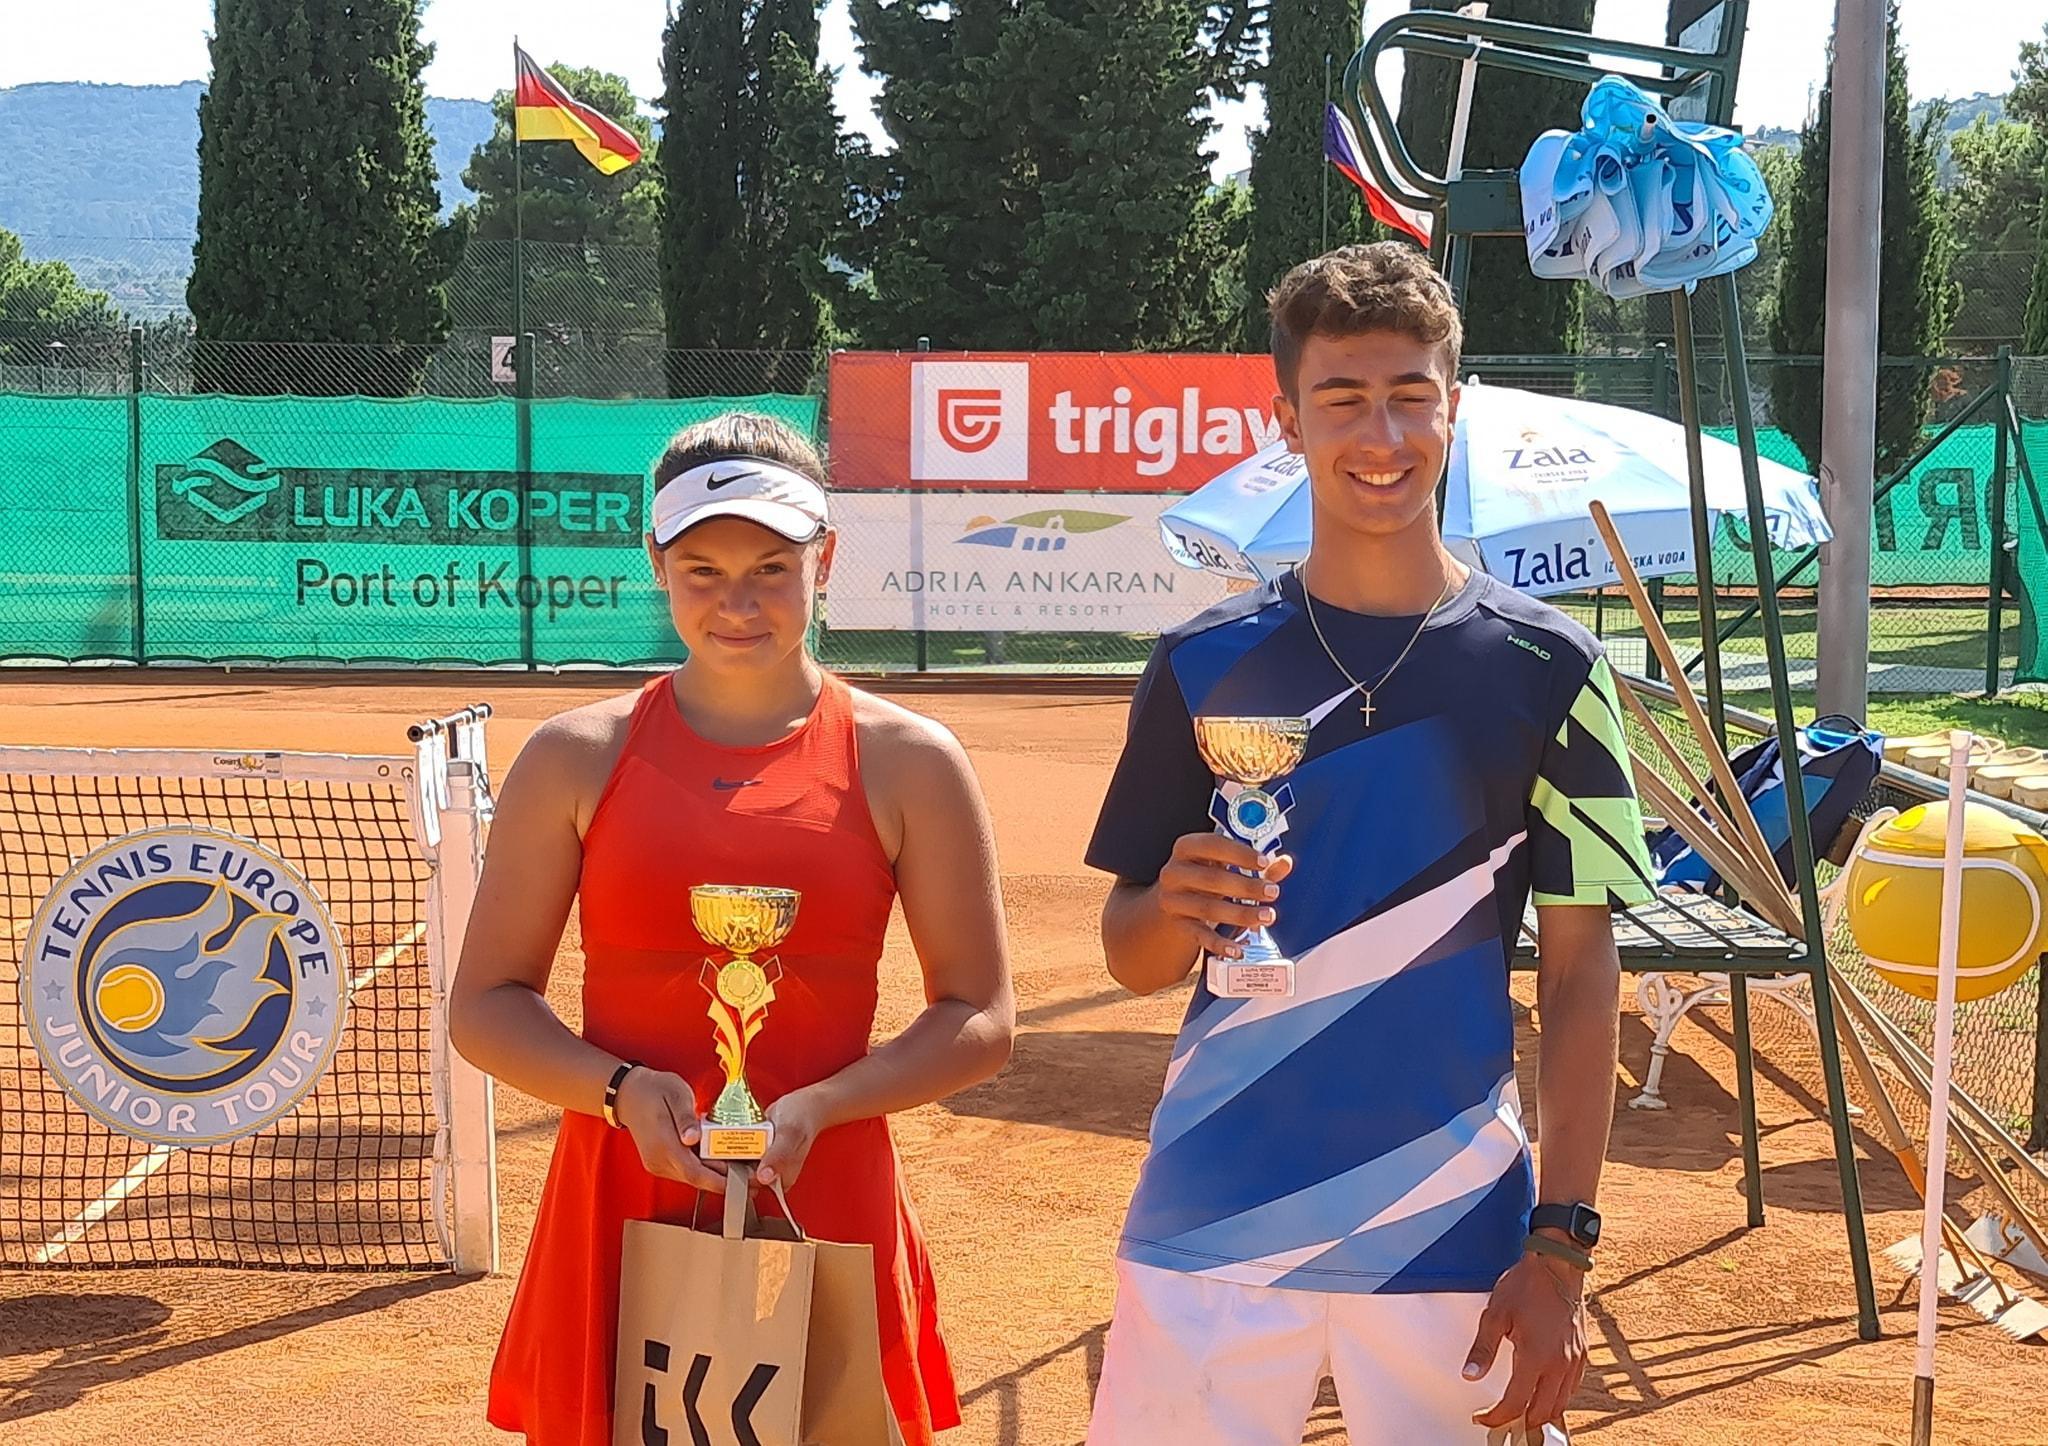 ela2 - Tennis Europe: Izjemna Hojnikova do naslova v Kopru, v dvojicah najboljši Julija Bogatin in Nika Završki (FOTO)